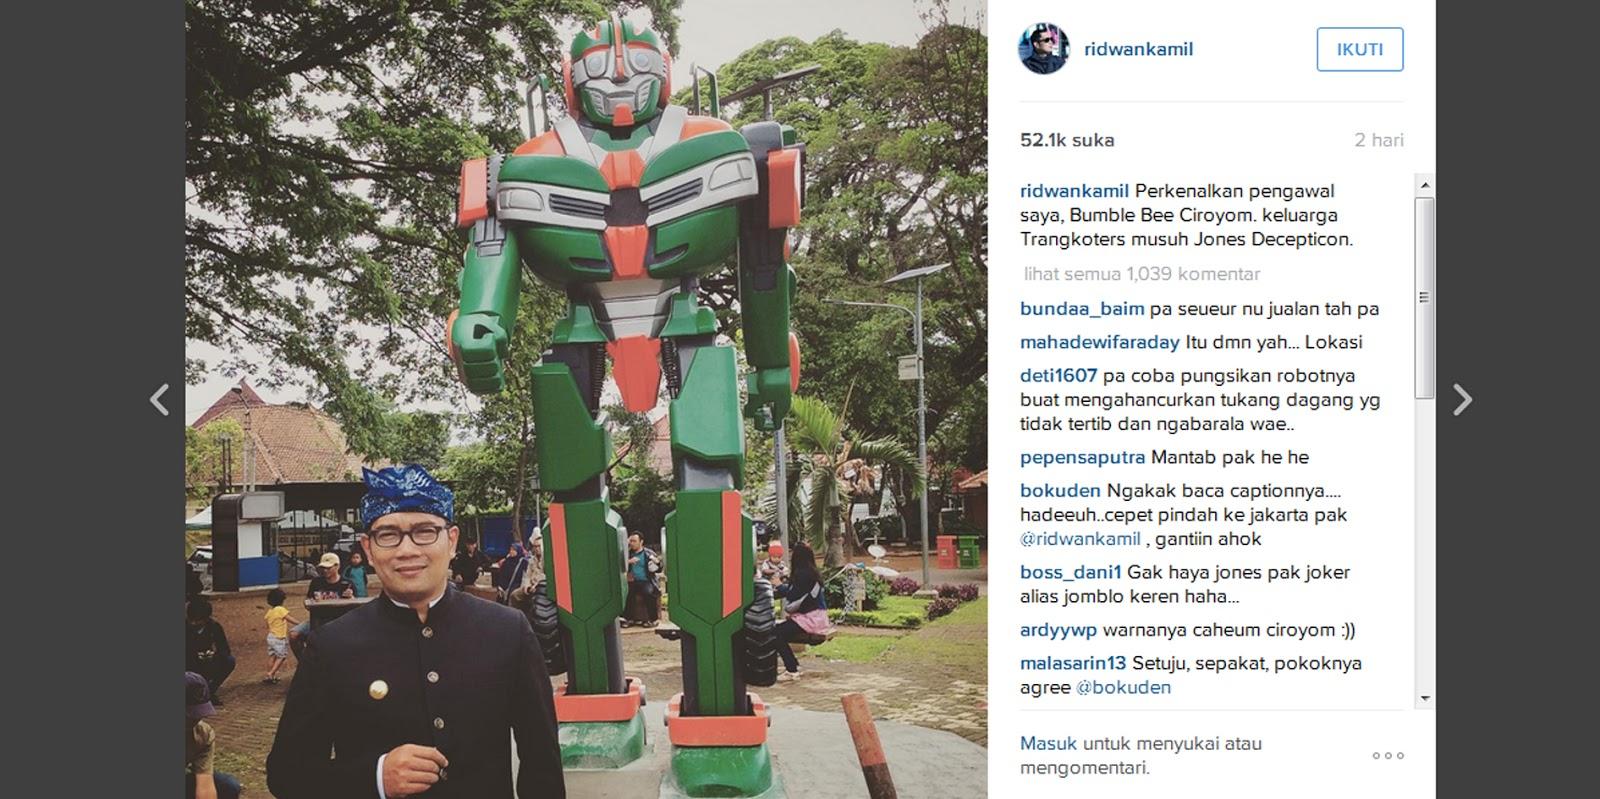 Robot transformers angkot di Bandung